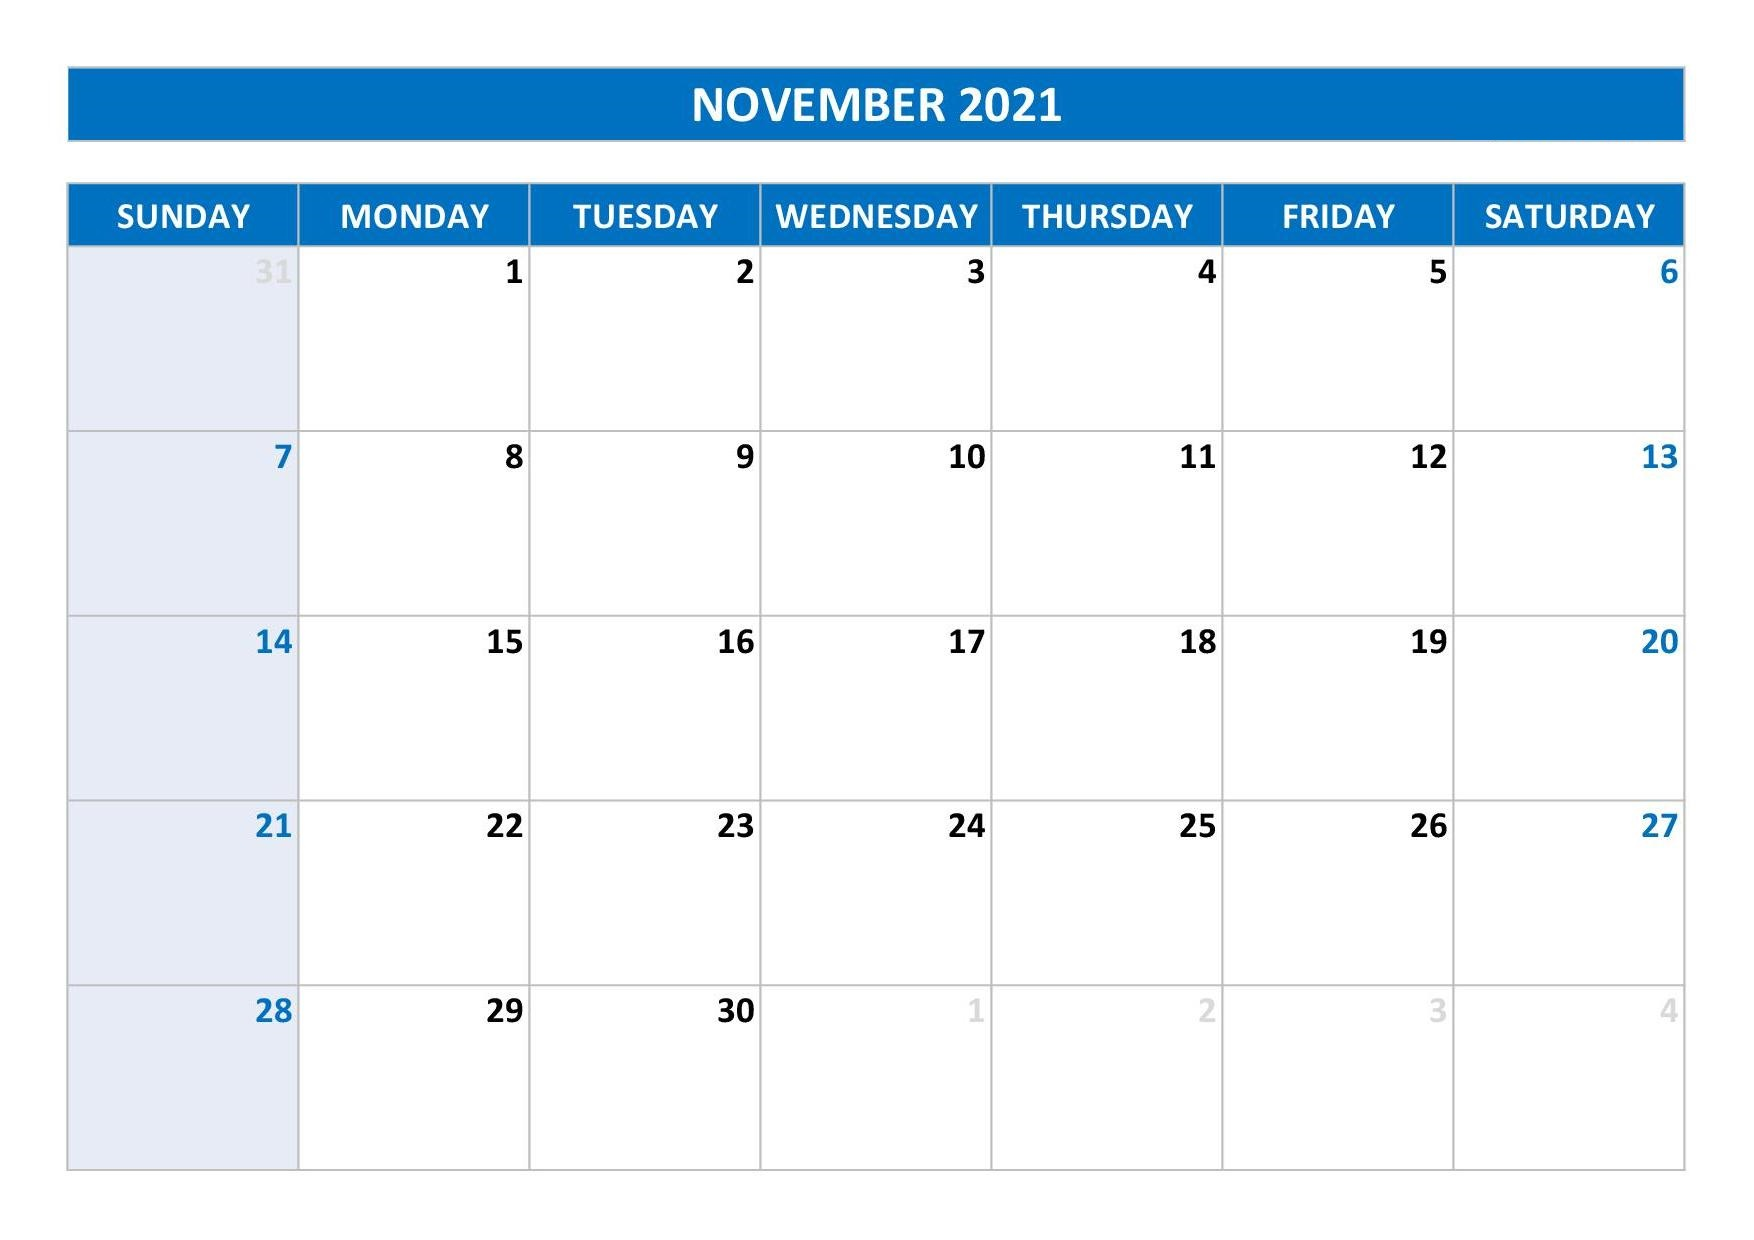 November 2021 Calendar Template Design for PPT